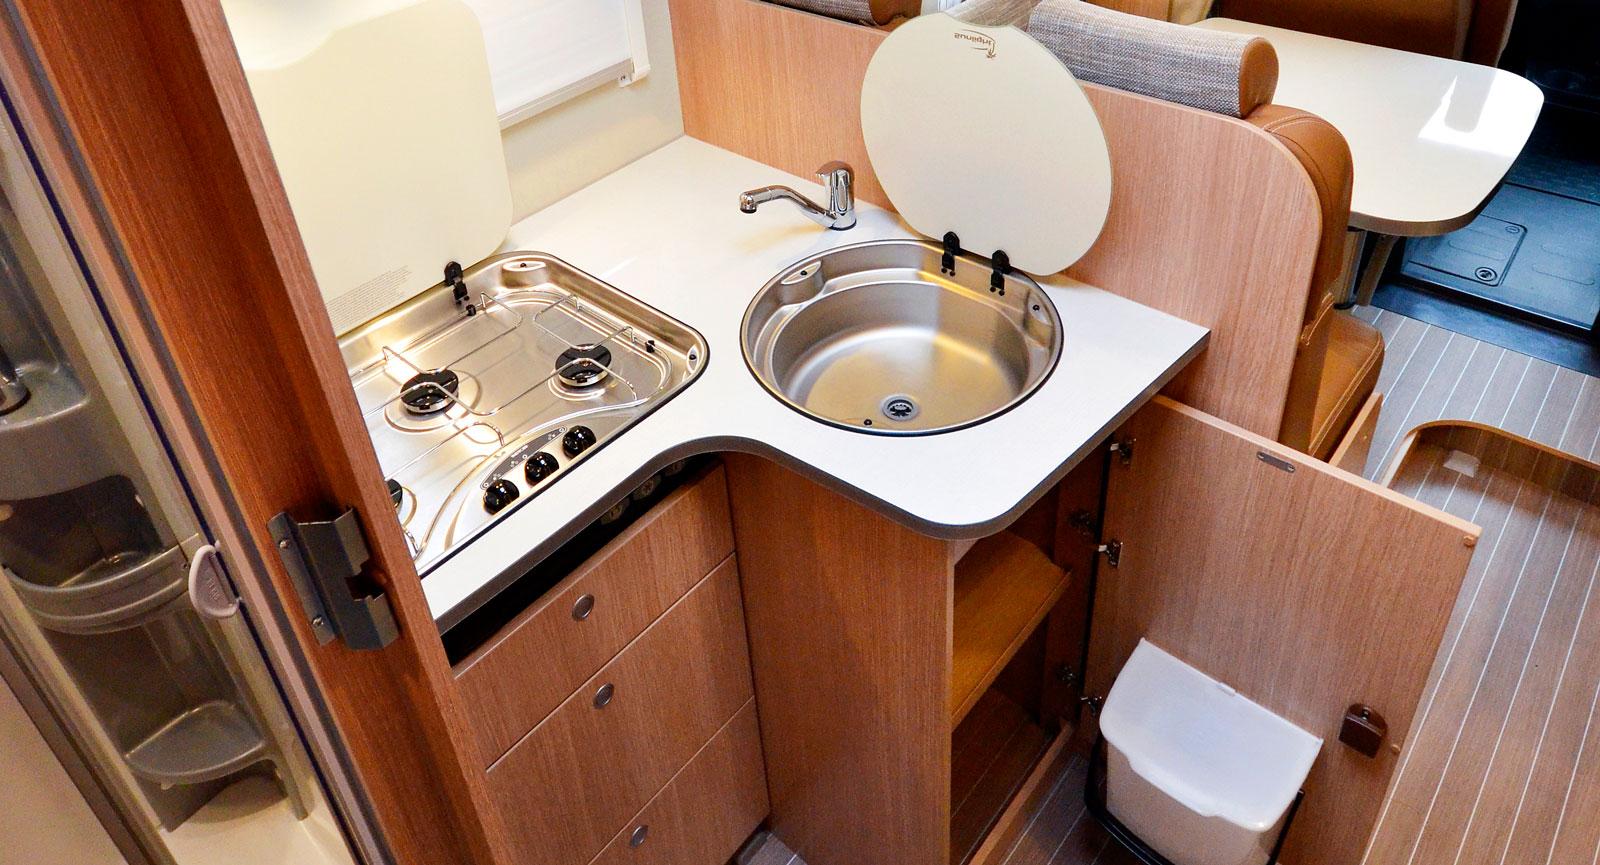 Hörna. Köket är kompakt i hörnet men har sophink och täcklock för spis och diskho. Avrinningsyta för disken saknar vi däremot.